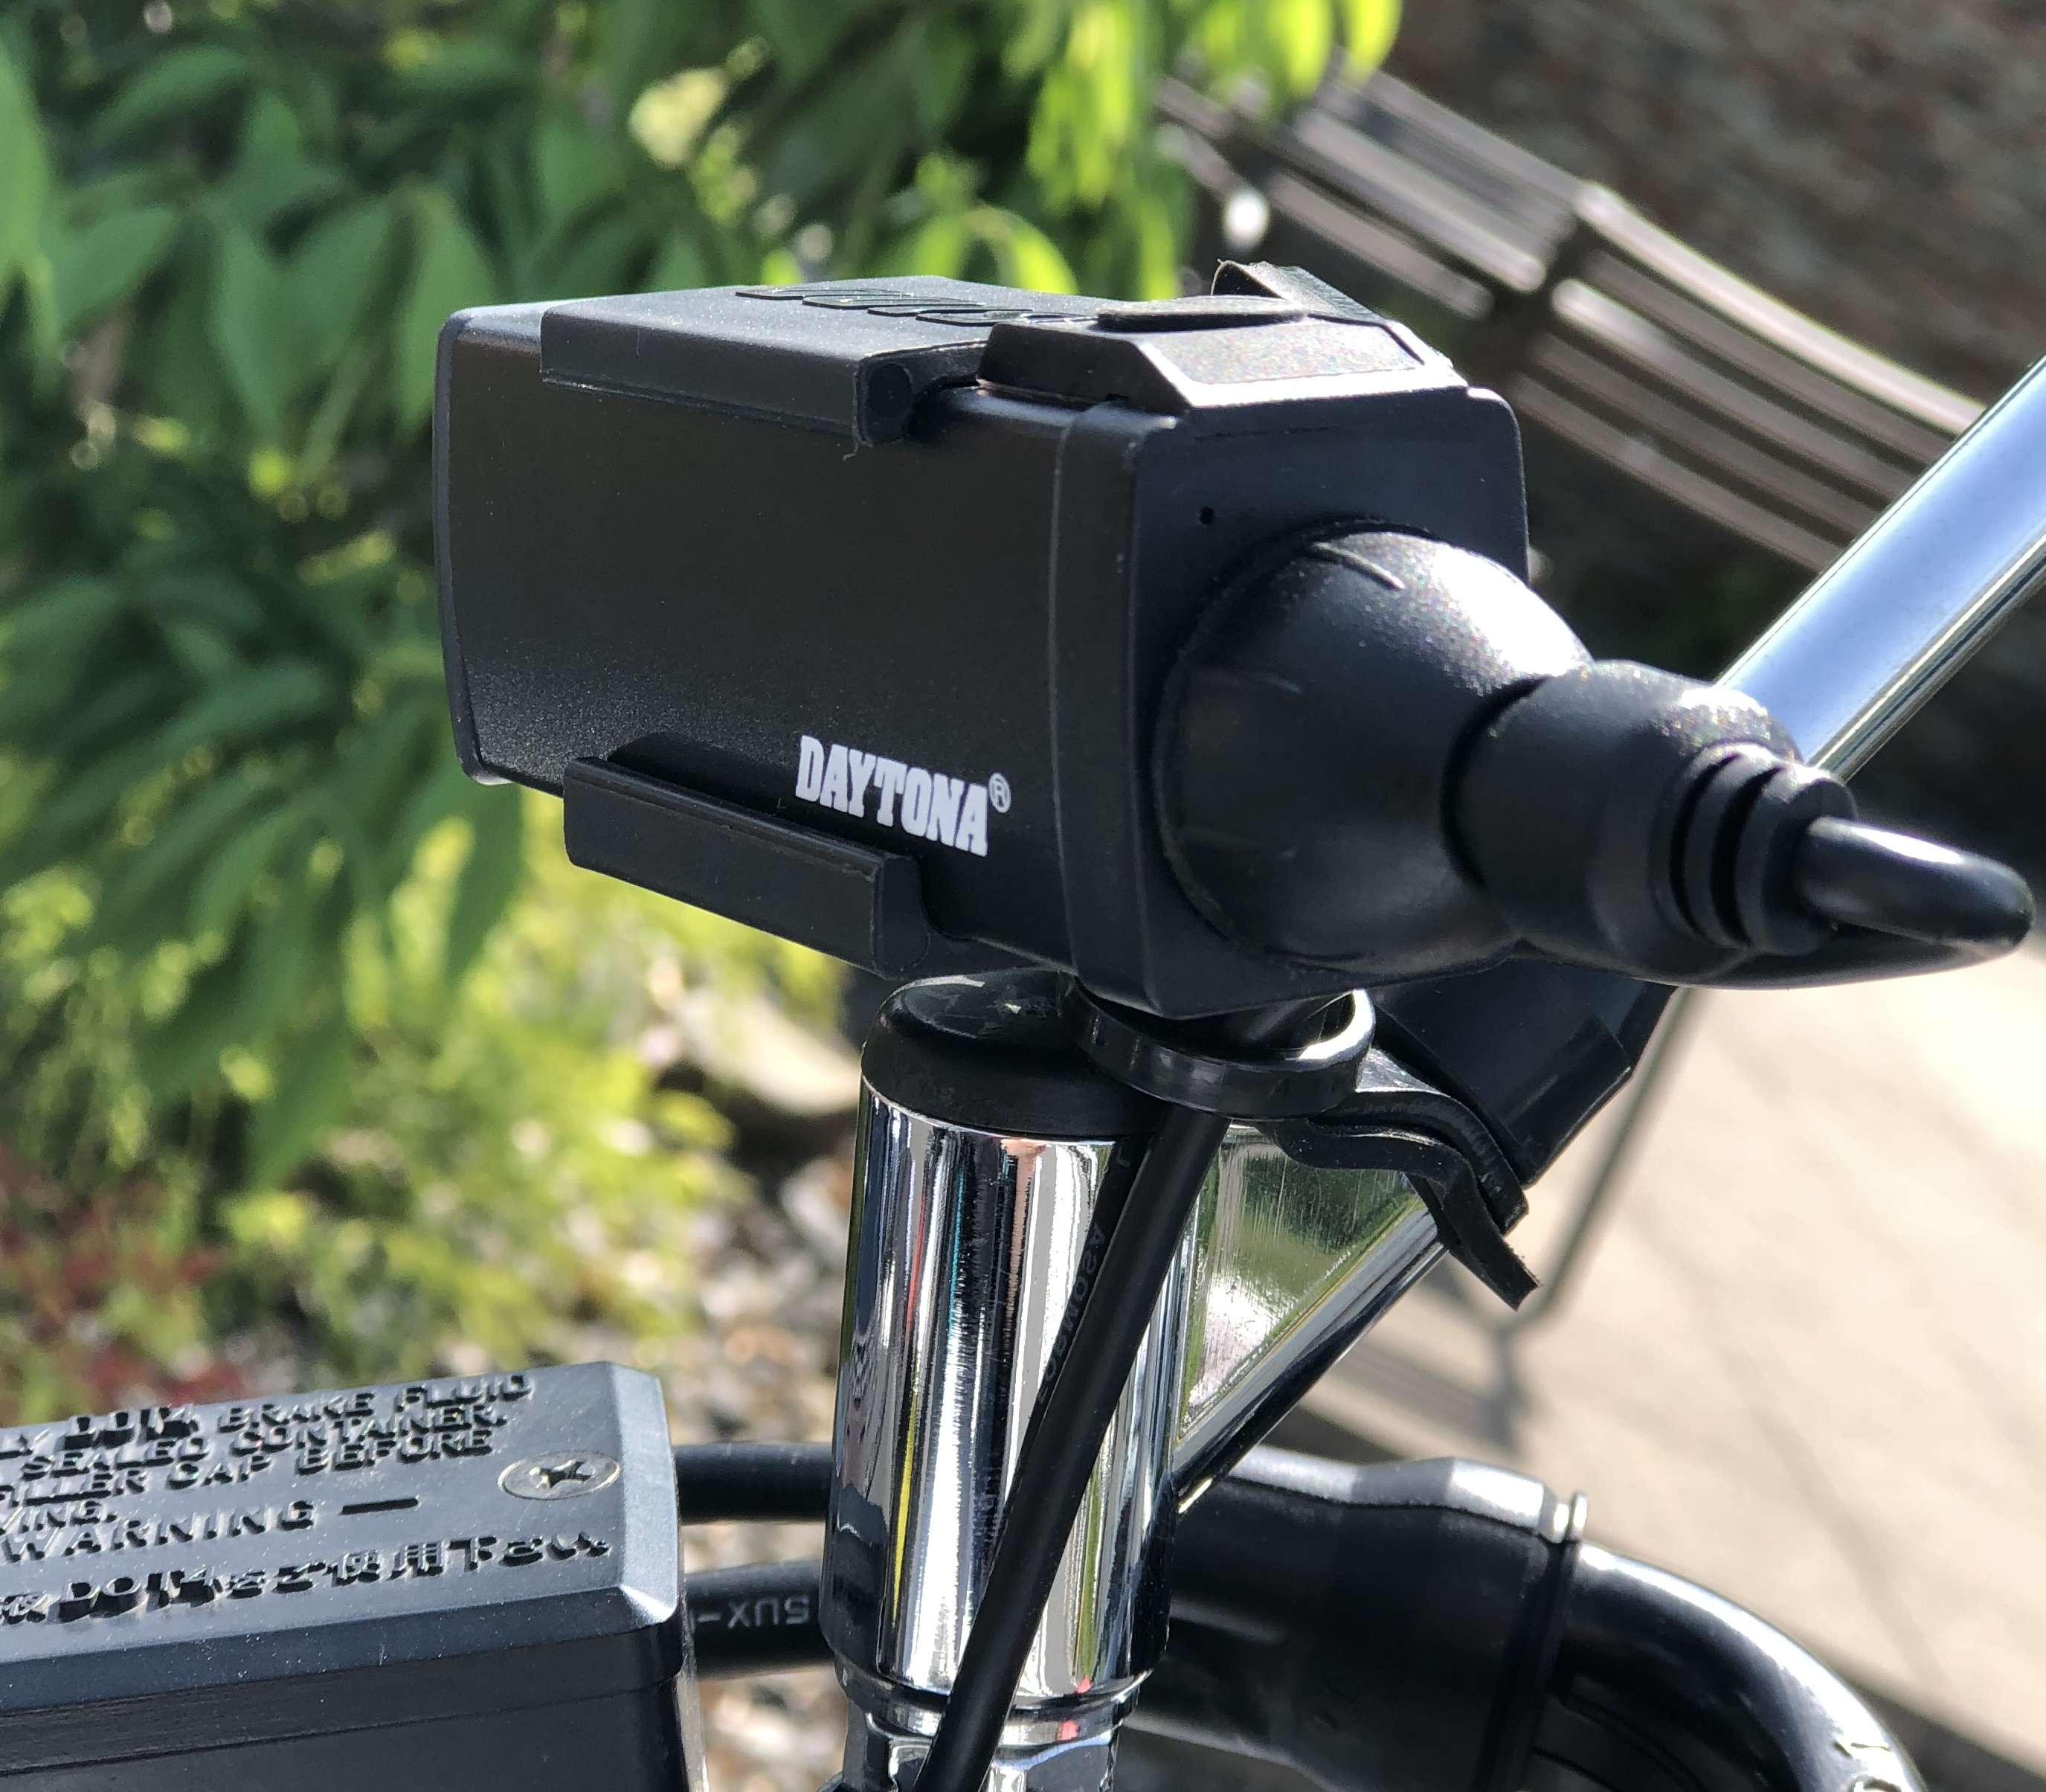 バイク用ドラレコ・デイトナDDR-S100の実装レポートとDIY装着例まとめ